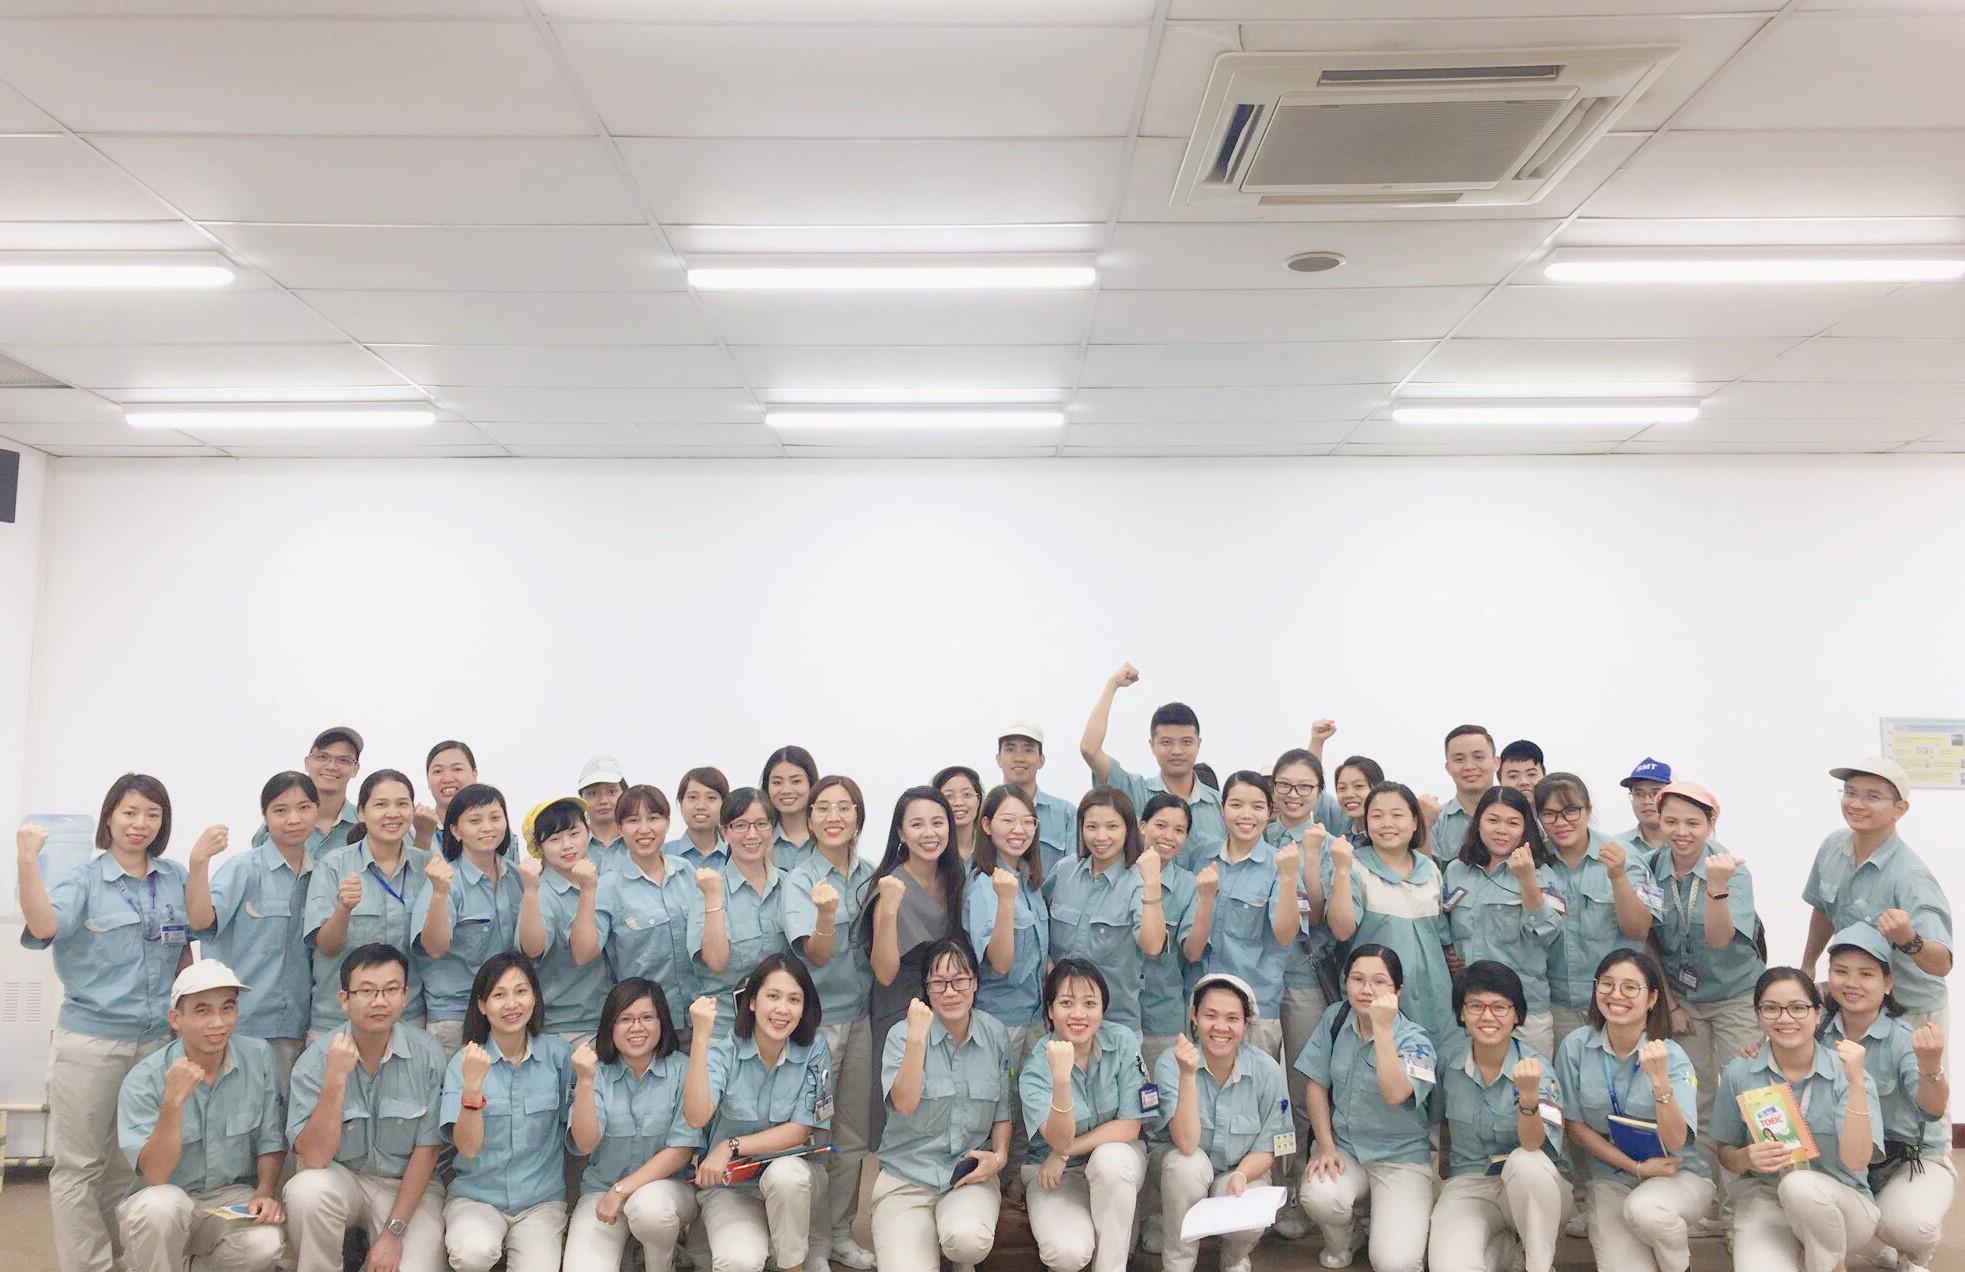 Công ty TNHH Panasonic Việt Nam hợp tác với trung tâm Anh ngữ Ms Hoa đào tạo TOEIC cho nhân viên.